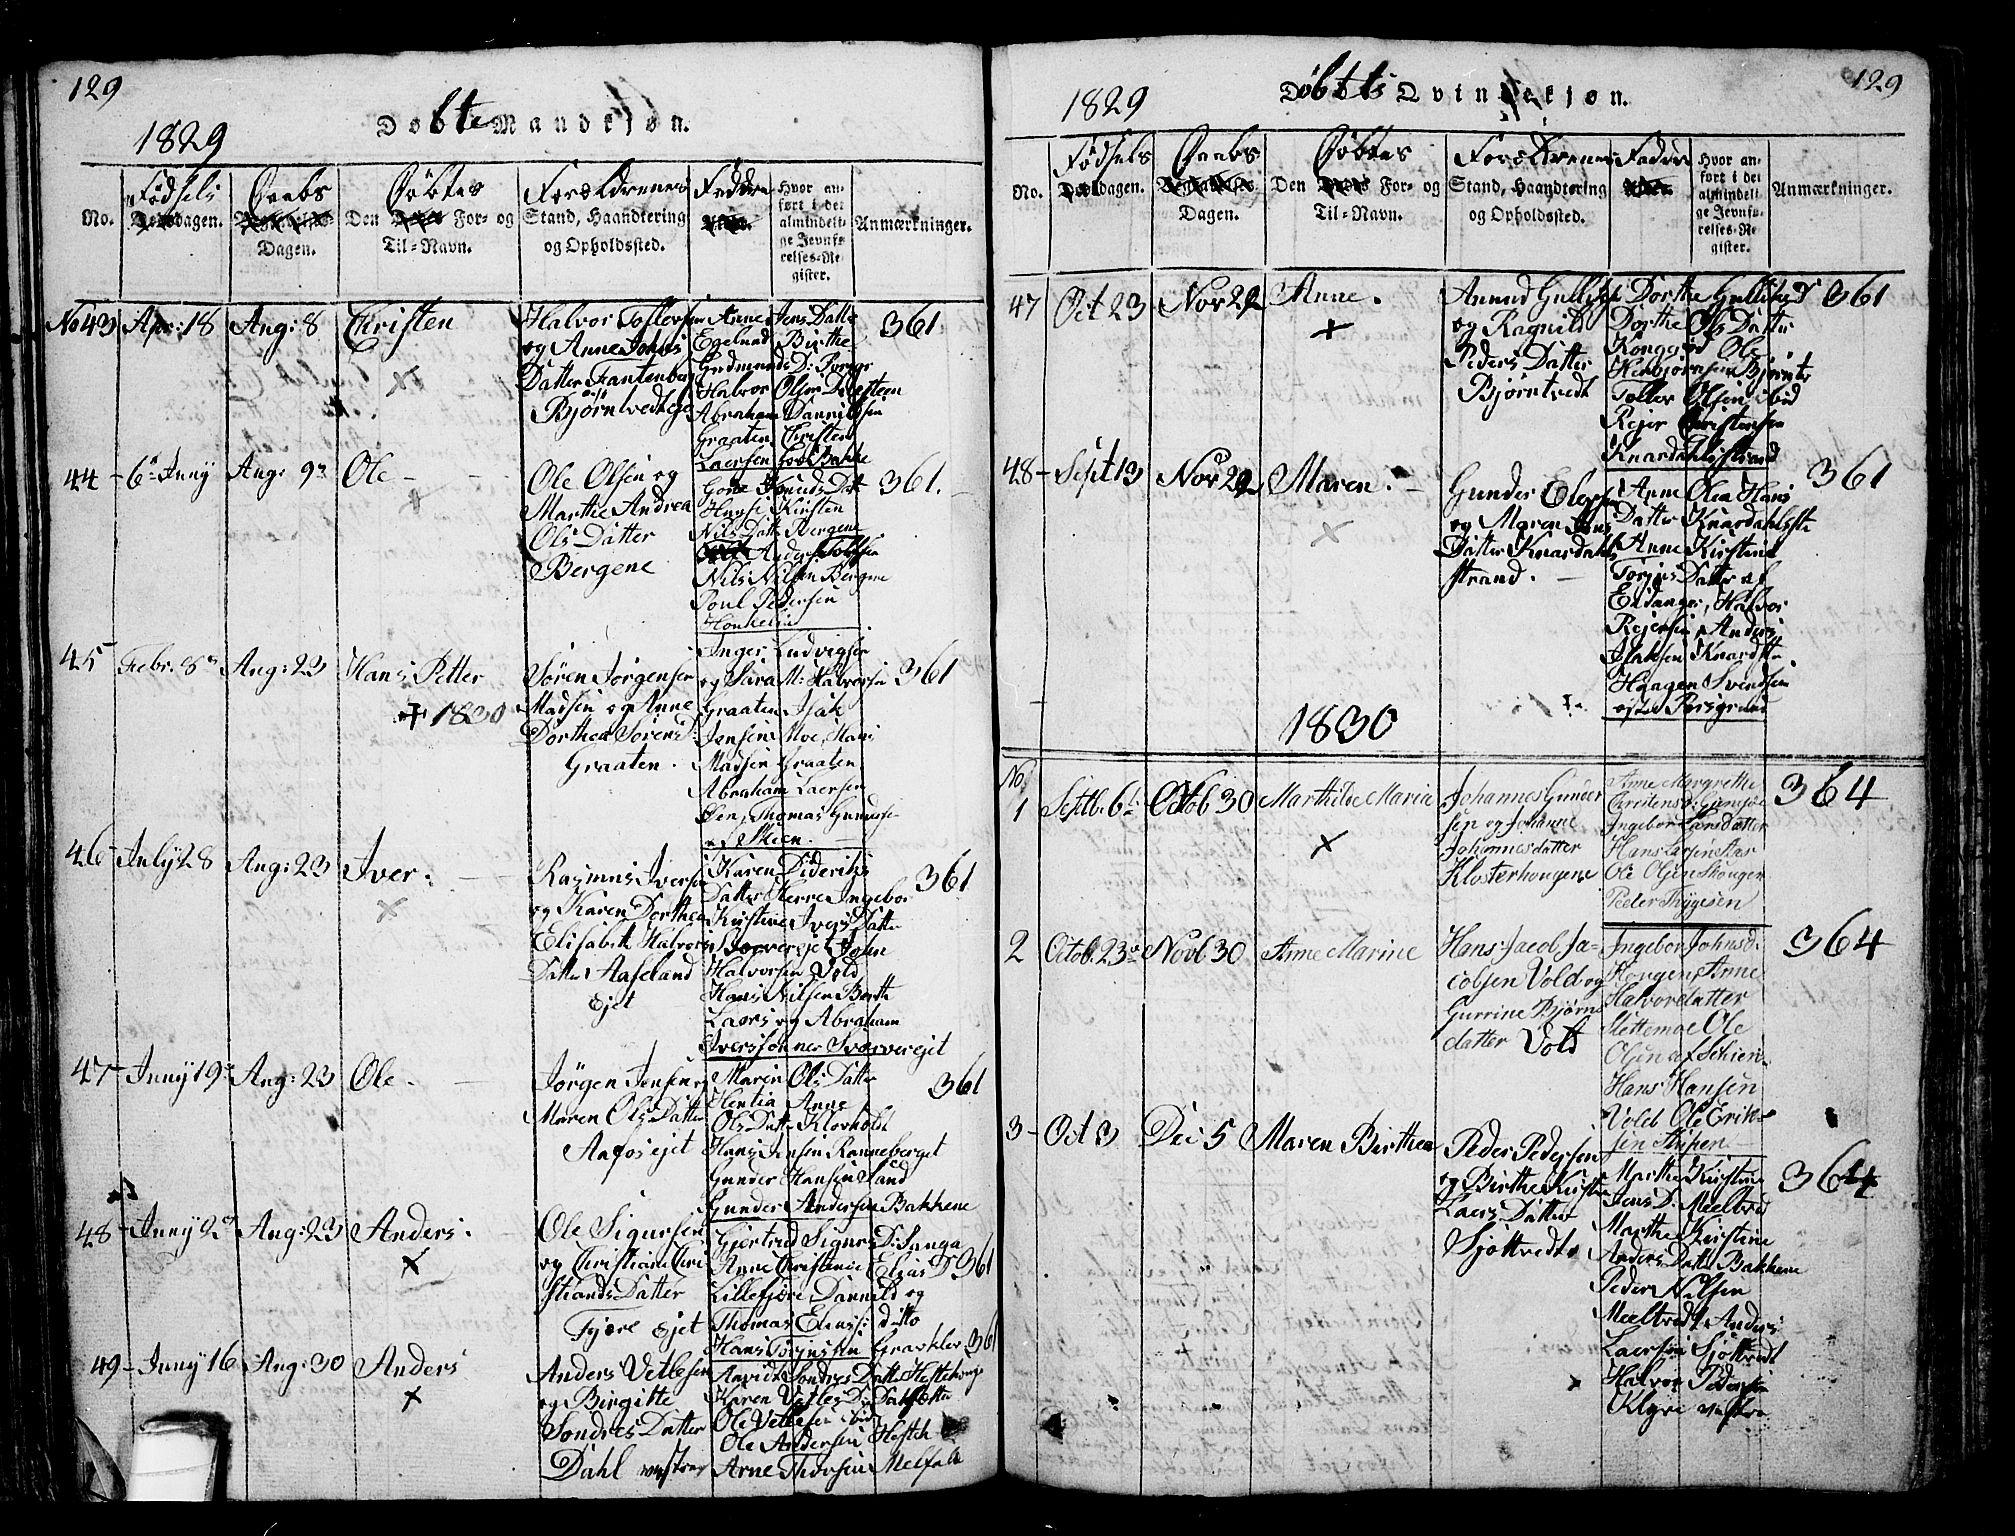 SAKO, Solum kirkebøker, G/Ga/L0001: Klokkerbok nr. I 1, 1814-1833, s. 129